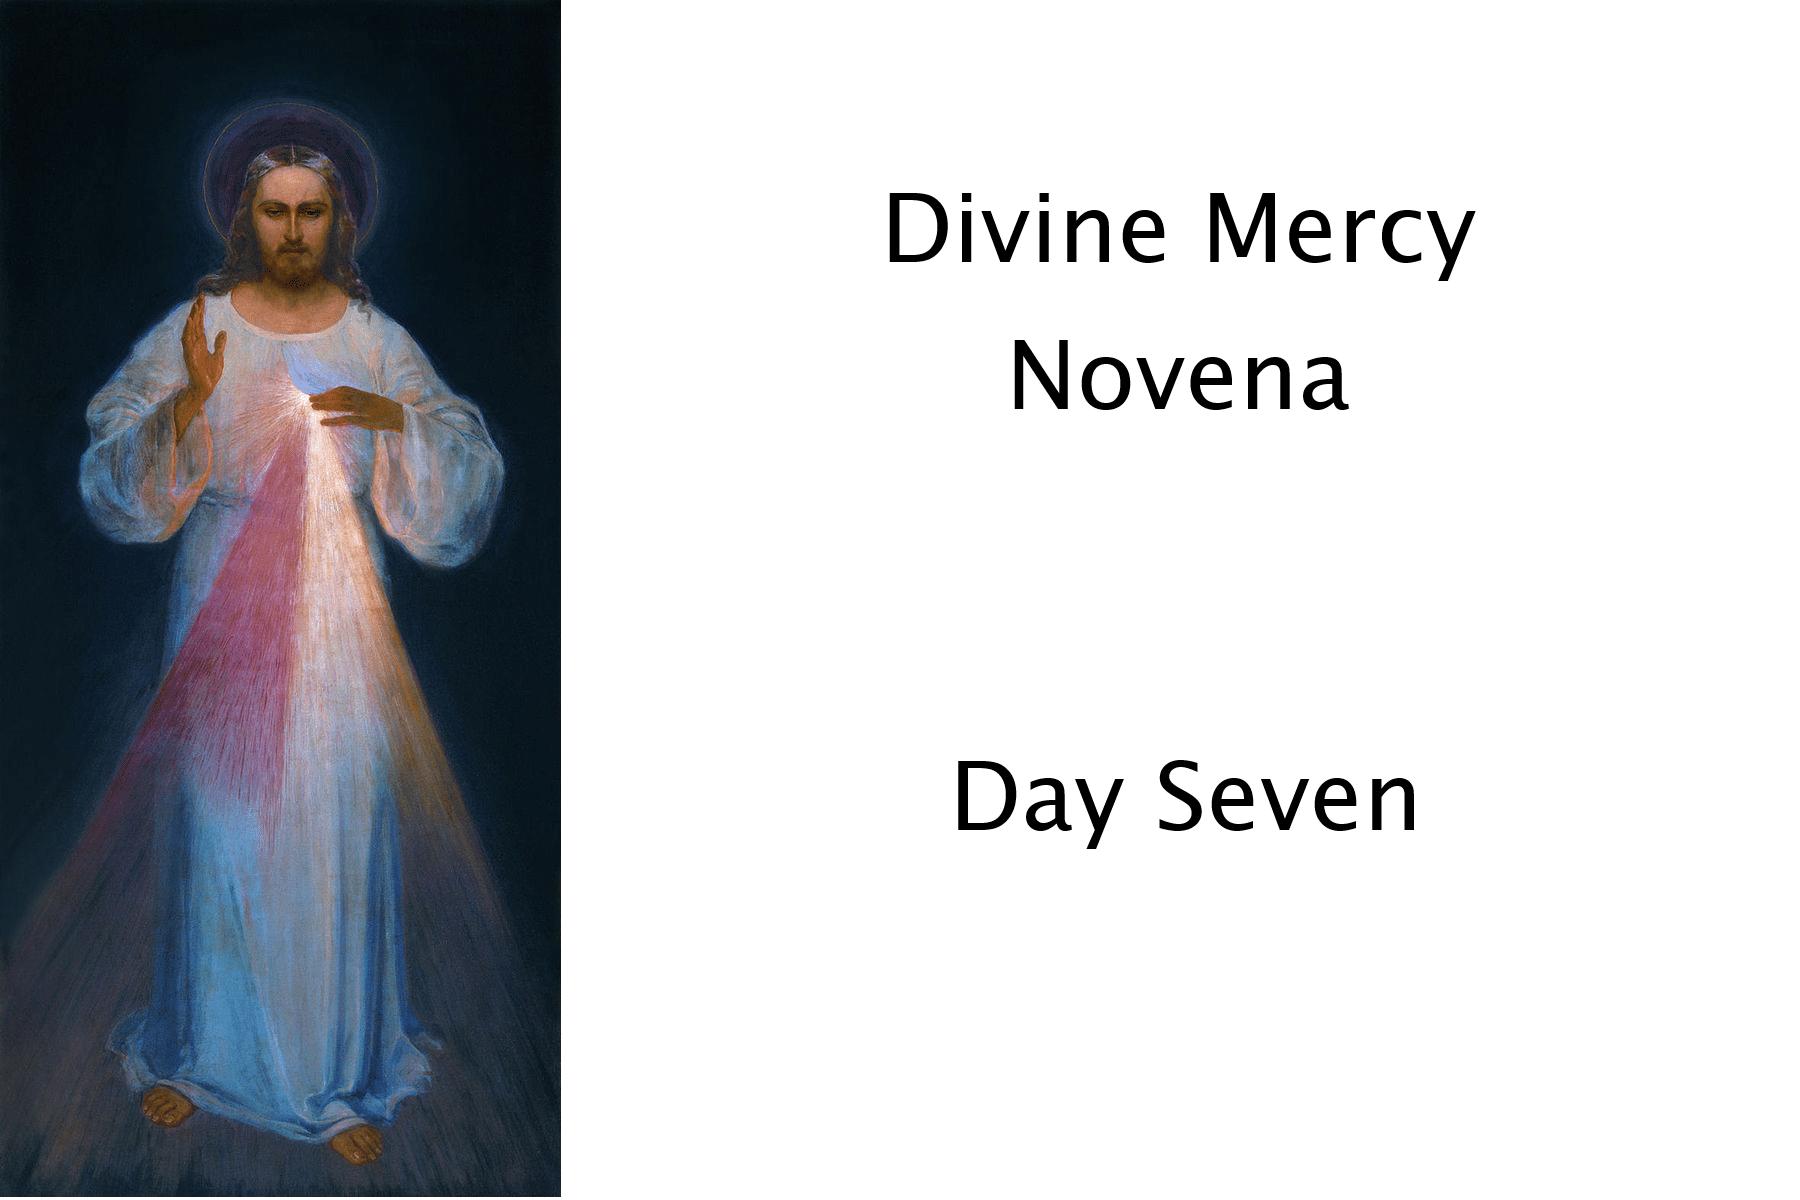 Divine Mercy Day Seven